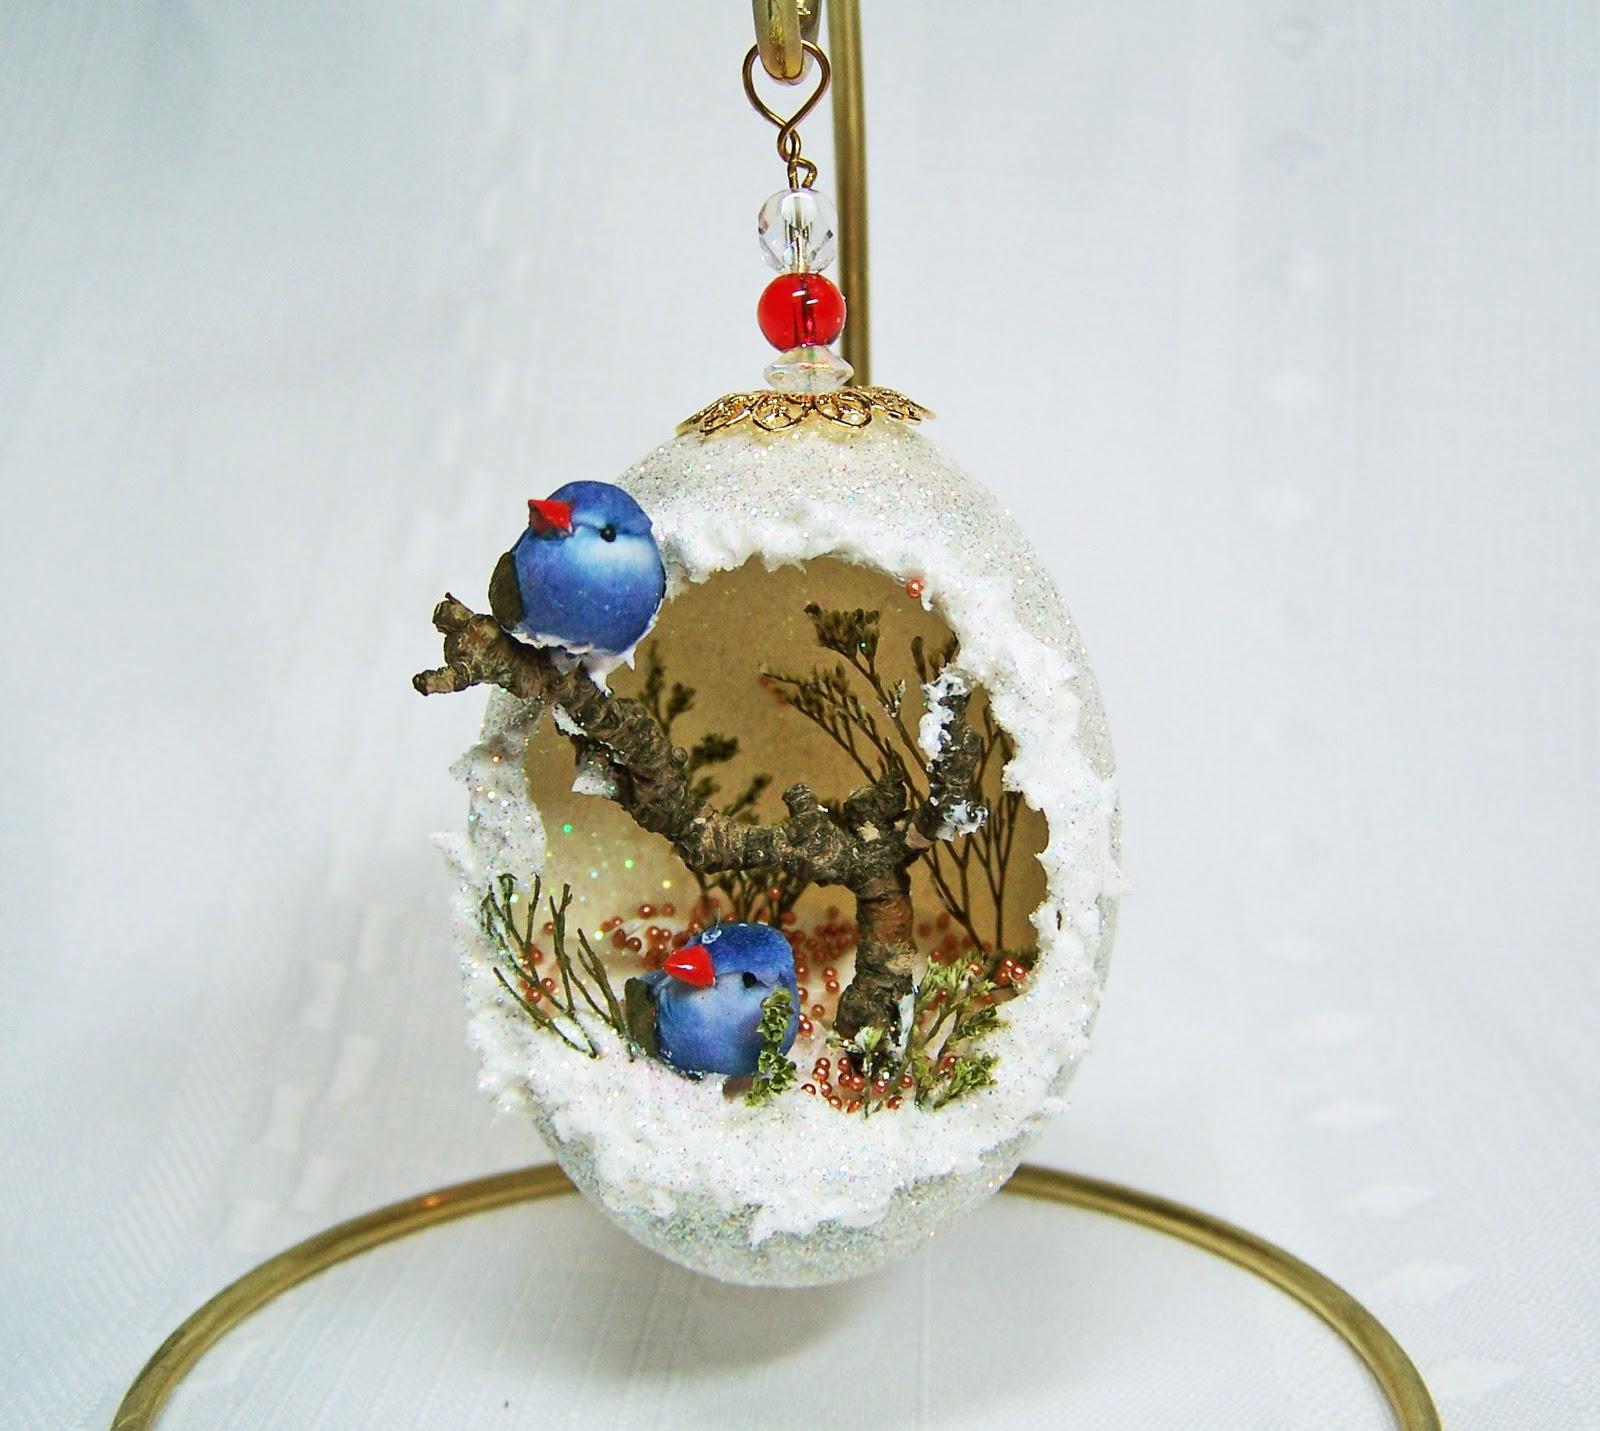 http://4.bp.blogspot.com/_8zWvv4PJbL8/TJ3O1T-VudI/AAAAAAAAAyI/Vm8anqMZ6qg/s1600/blue+bird+egg.jpg